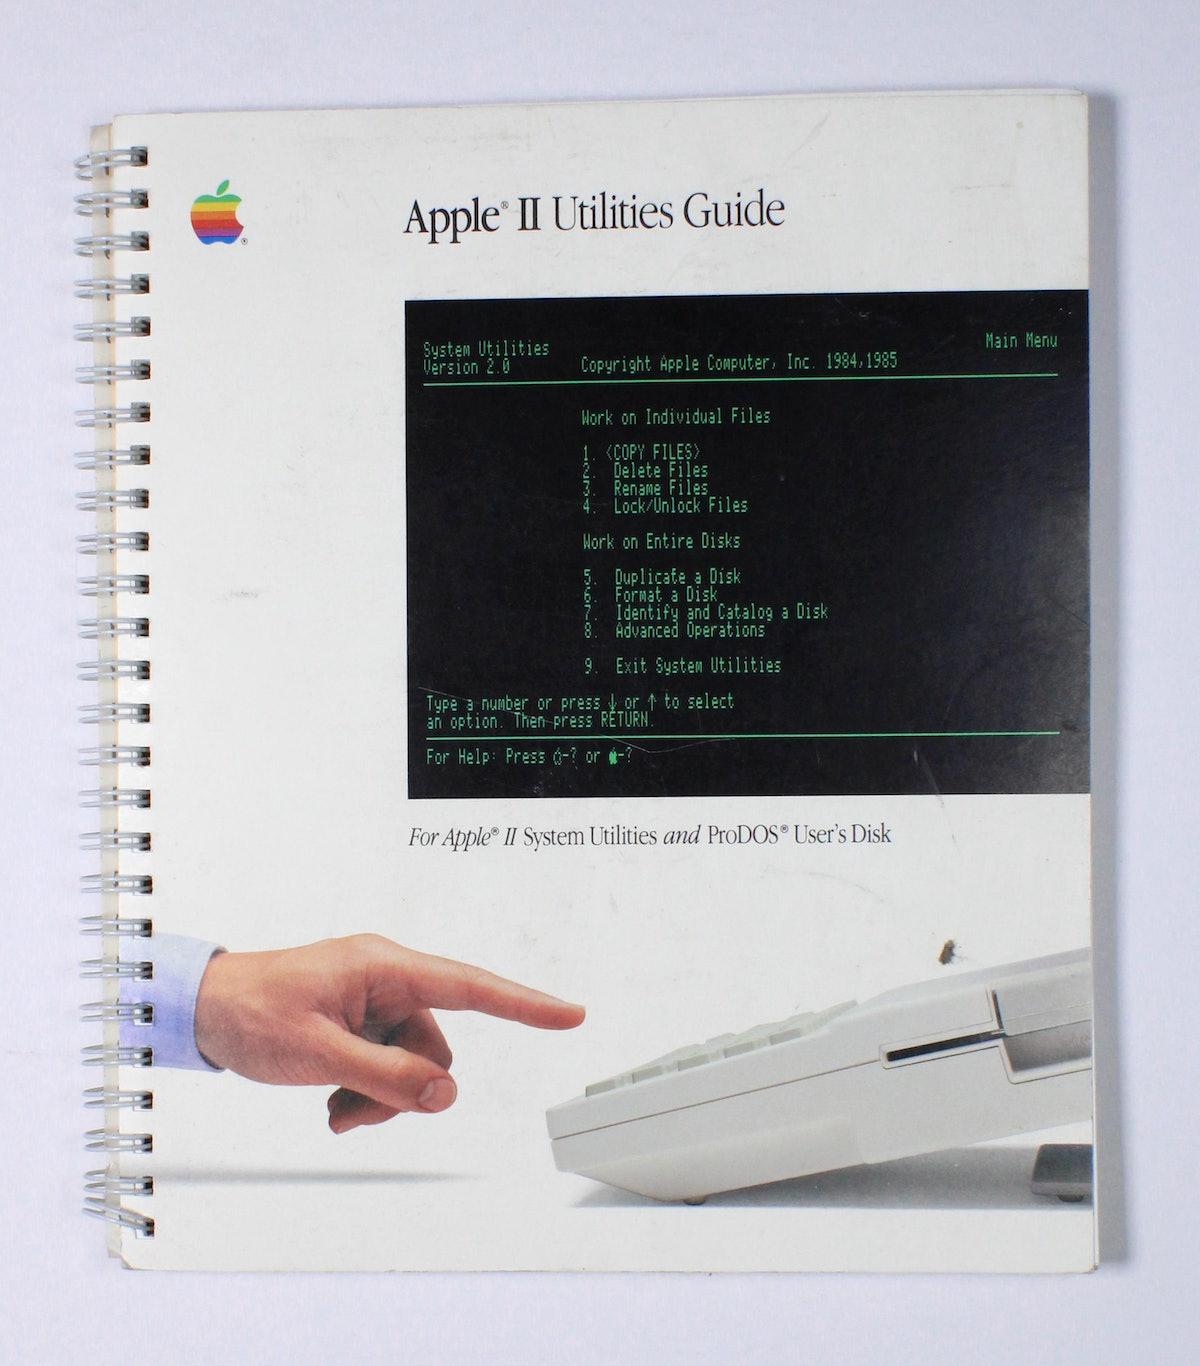 Apple II Utilities Guide